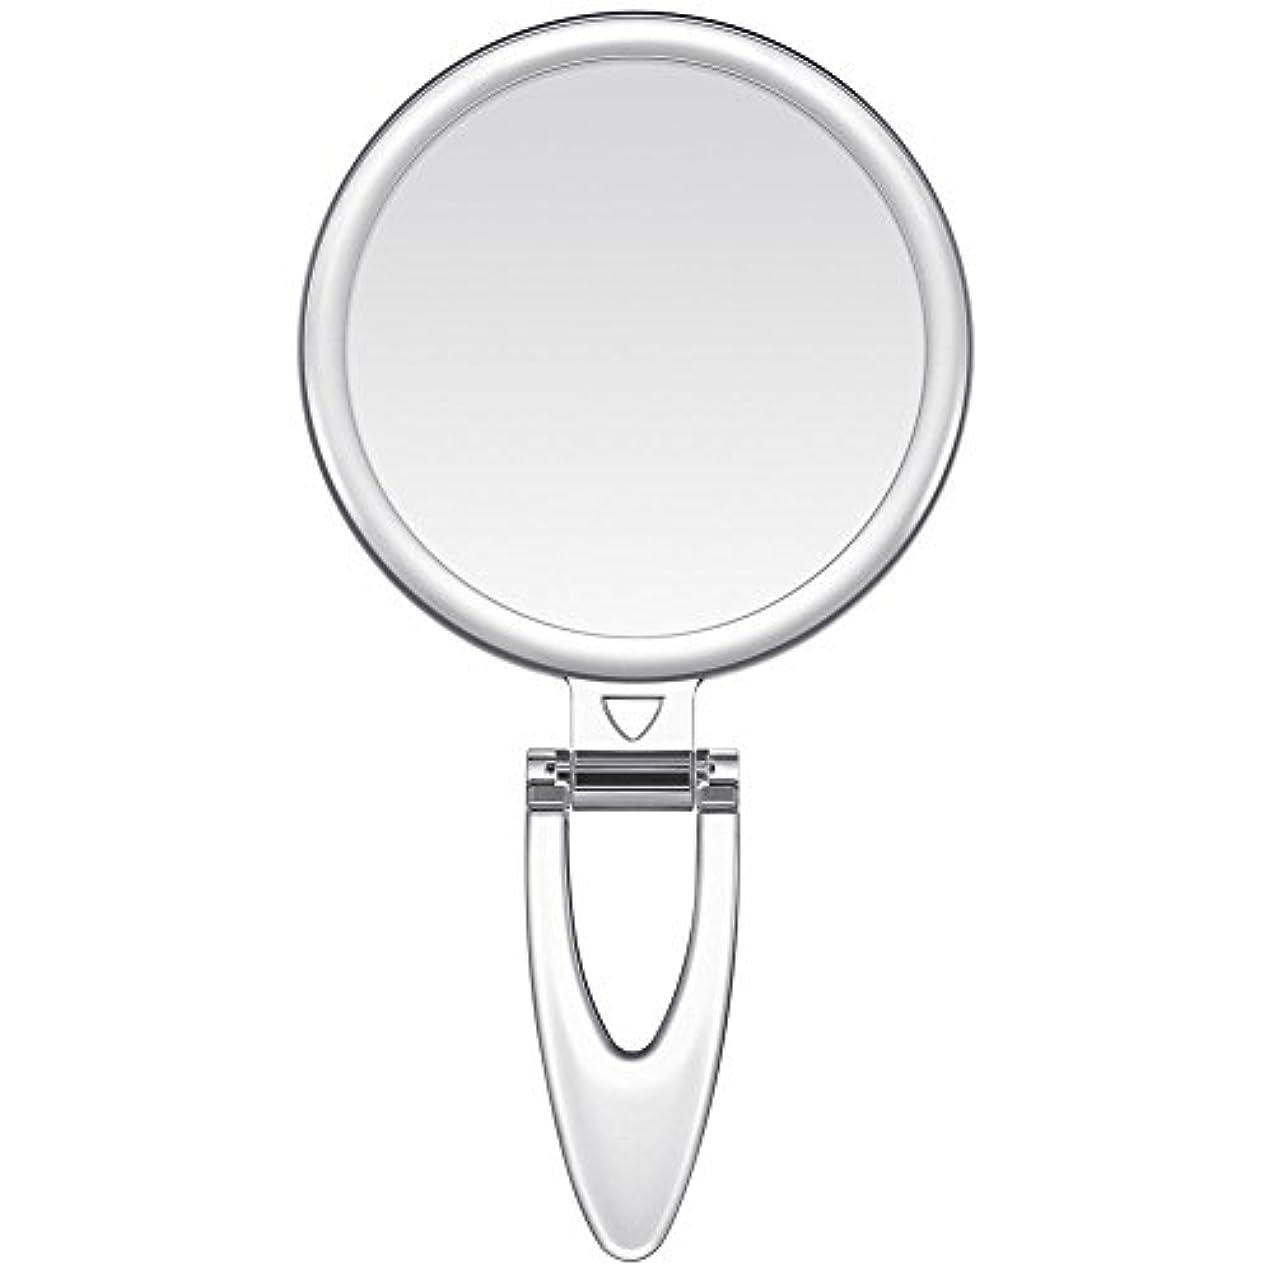 天使持参忘れるLavany 手鏡 鏡 拡大鏡 両面コンパクトミラー 化粧鏡 10倍鏡付き 手持ち スタンド 壁掛け仕様 (S(3.2インチ))